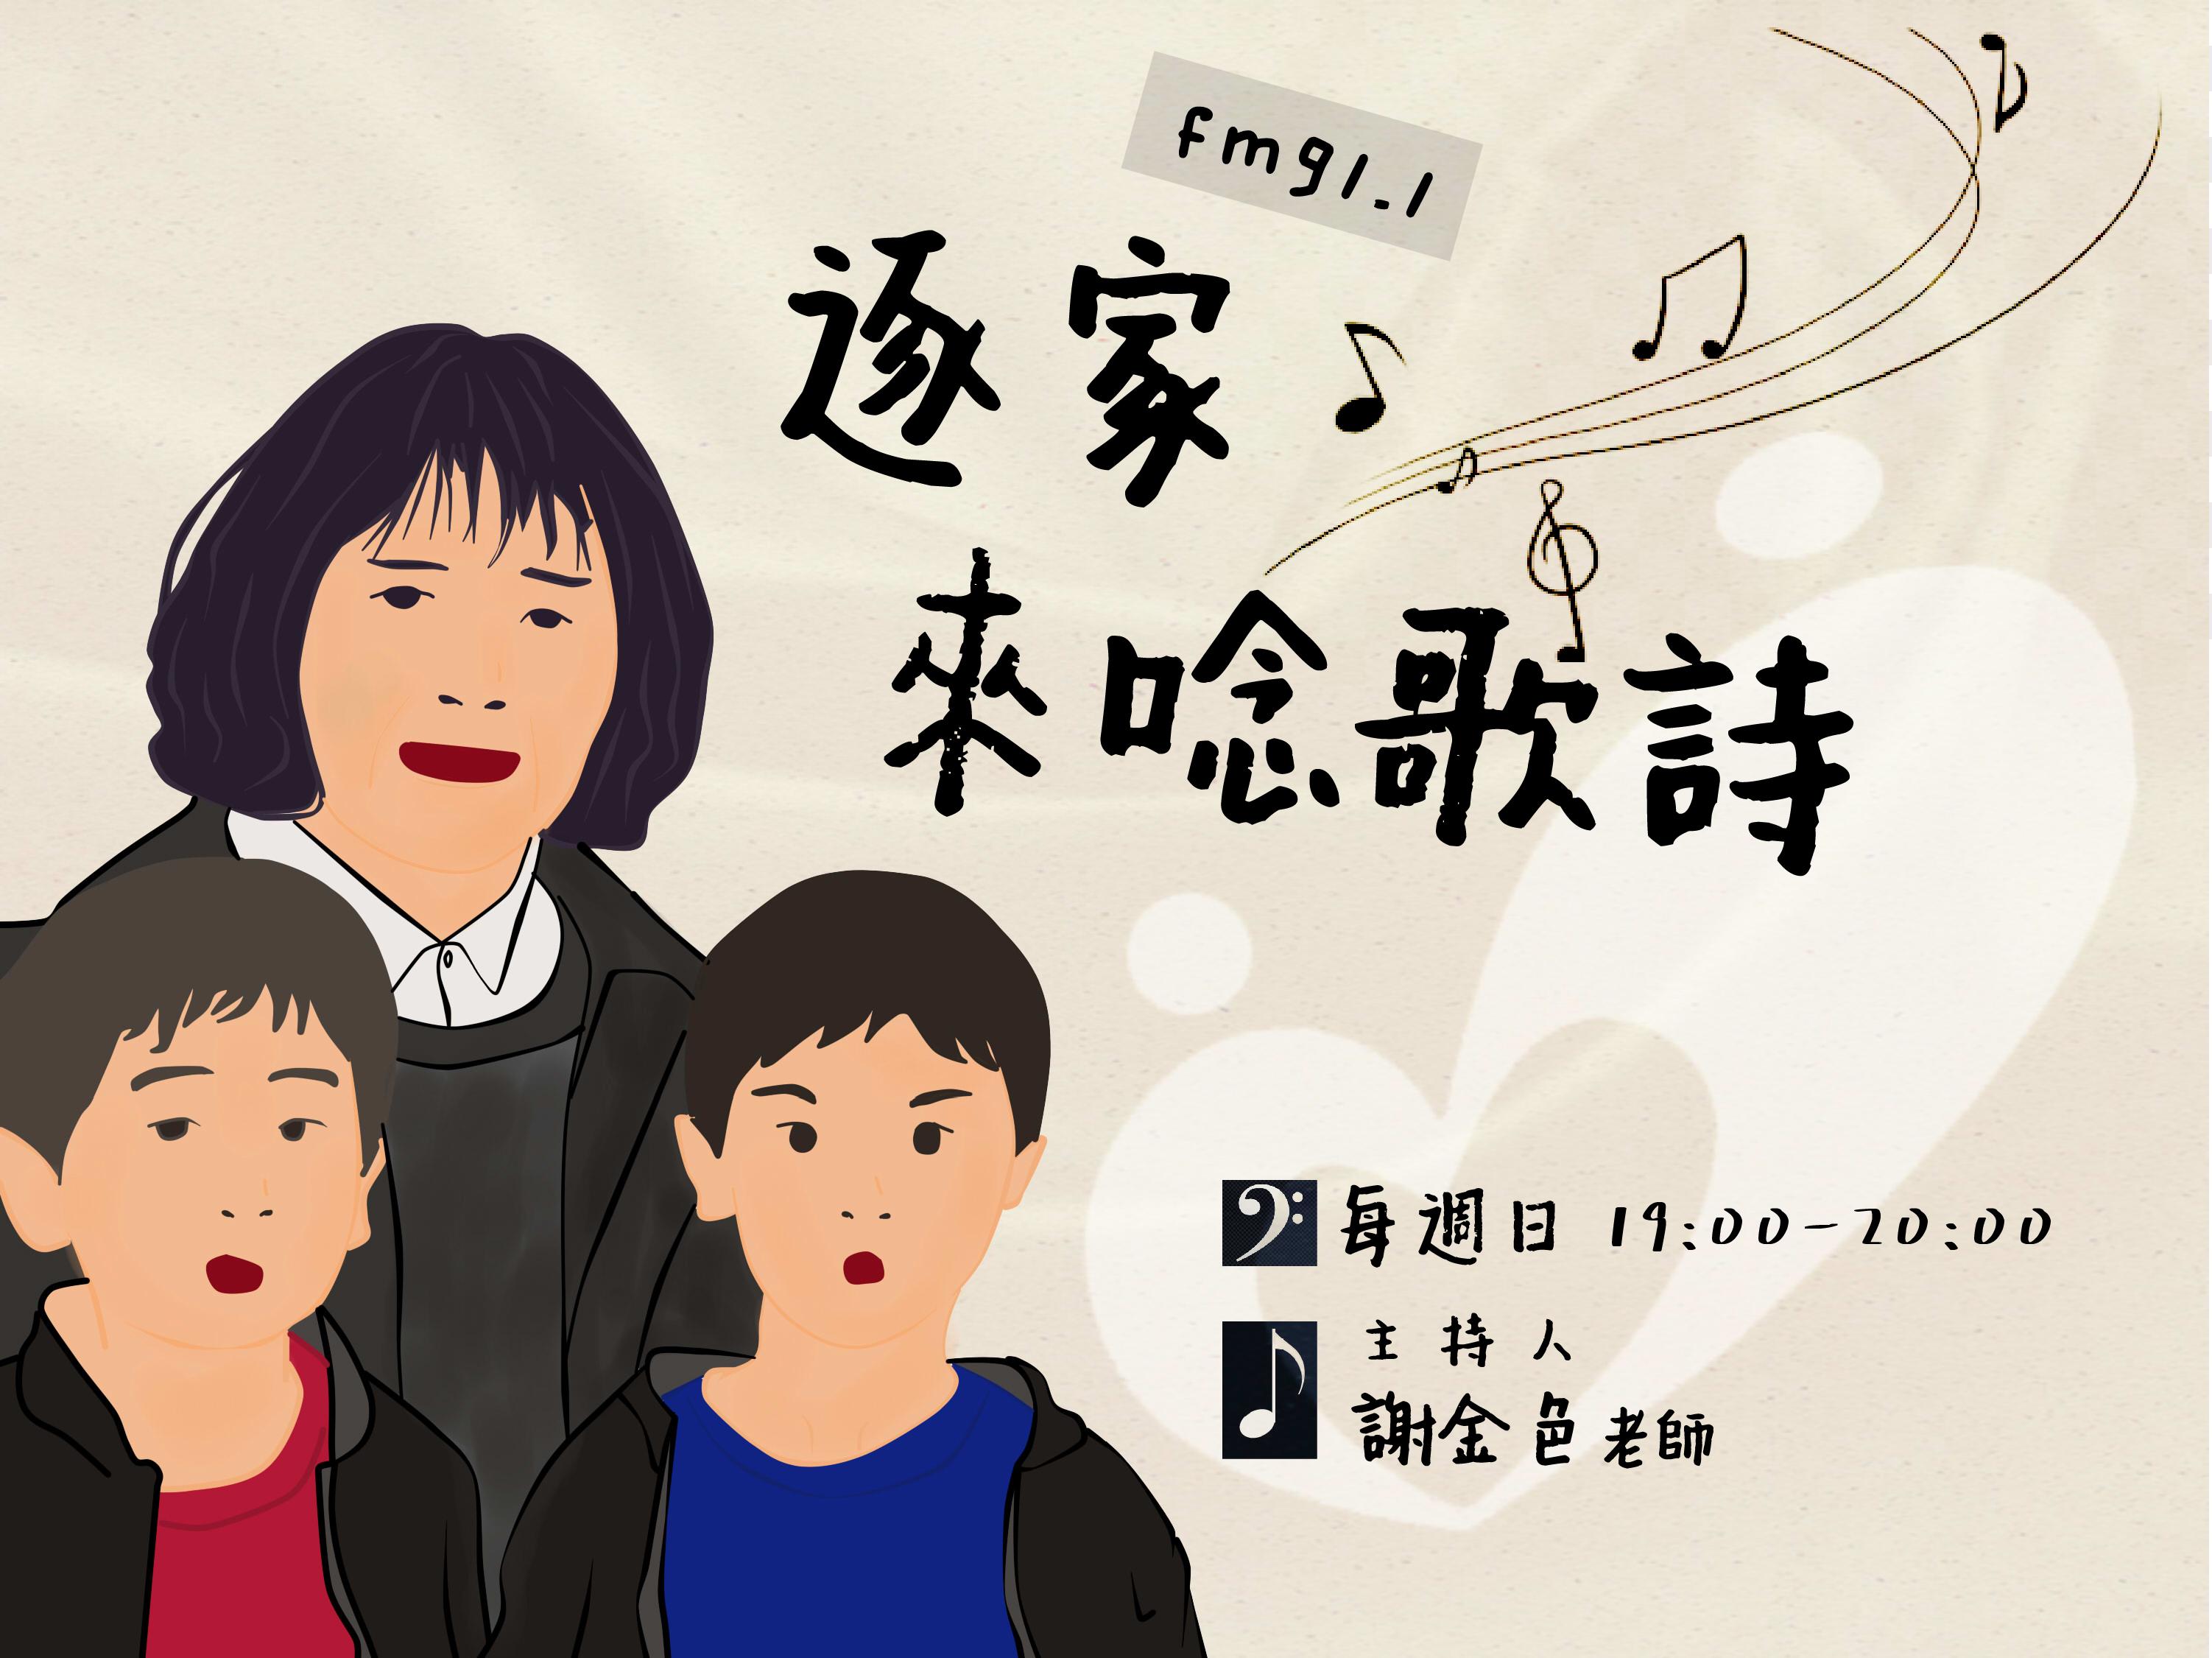 2021/09/26 逐家來唸歌詩